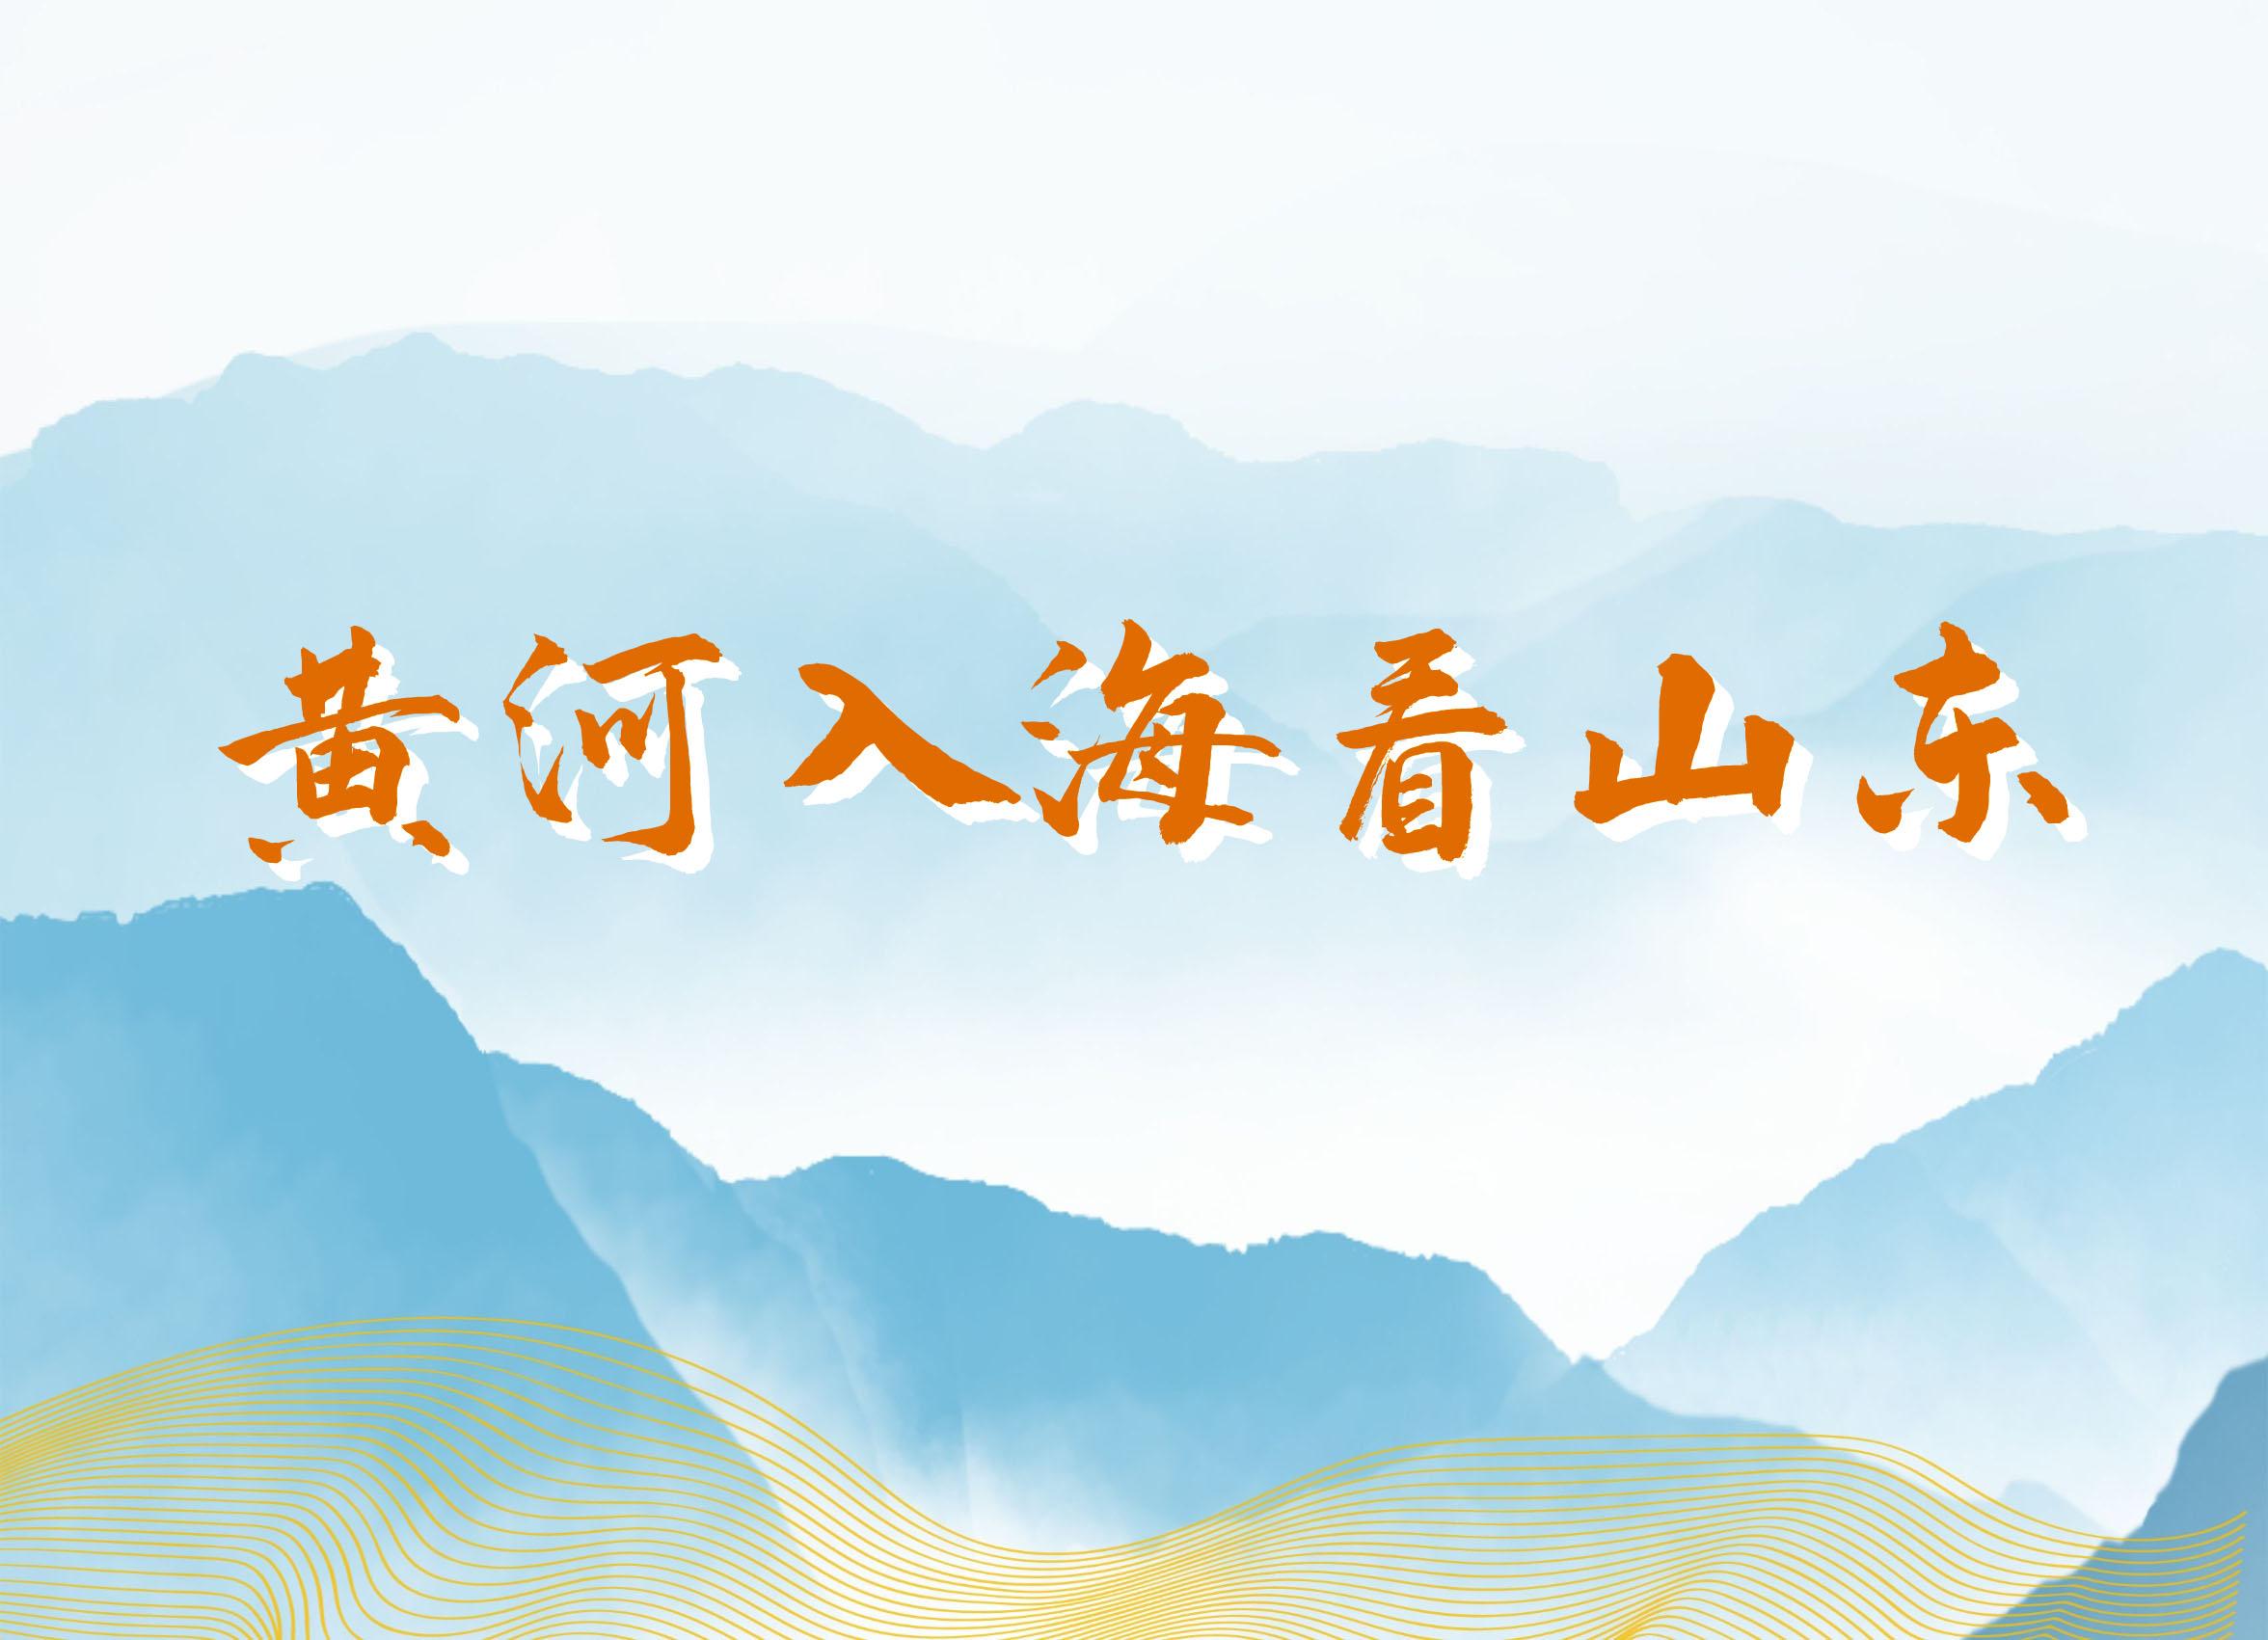 黄河入海看山东